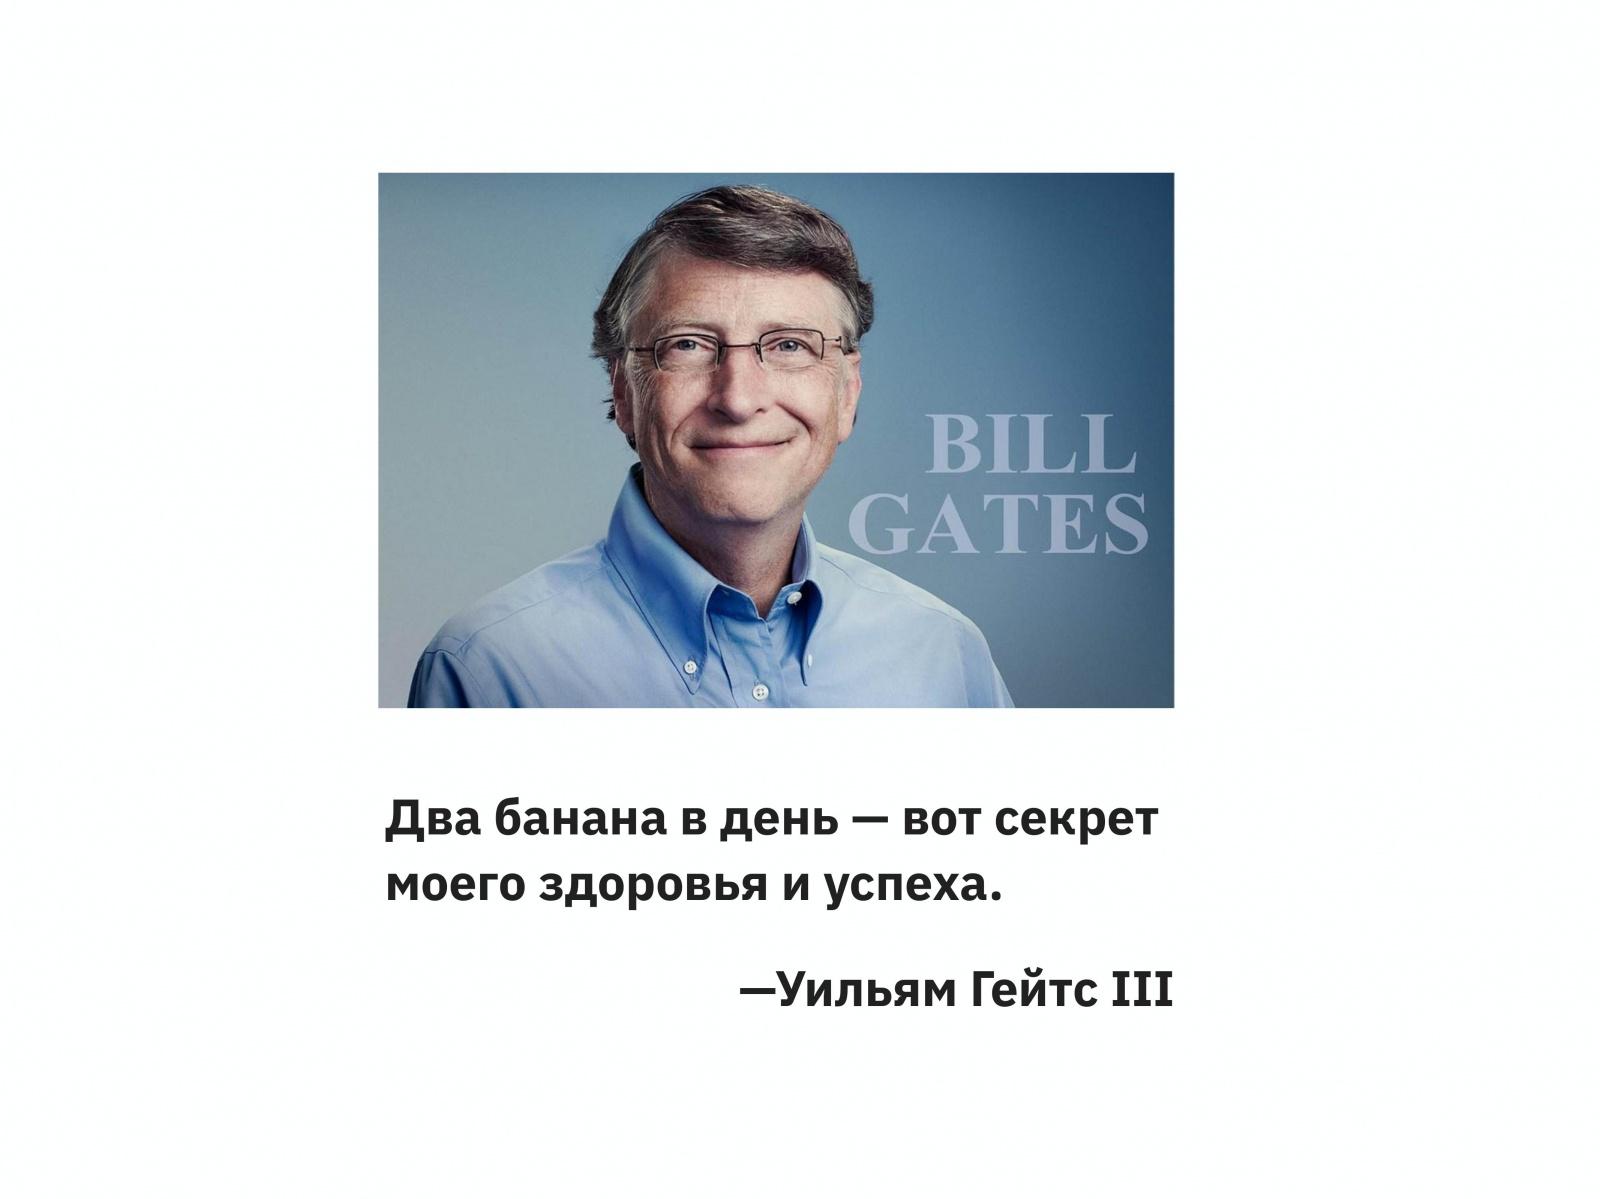 Алексей Каптерев: Критическое мышление 101 (часть 2) - 52